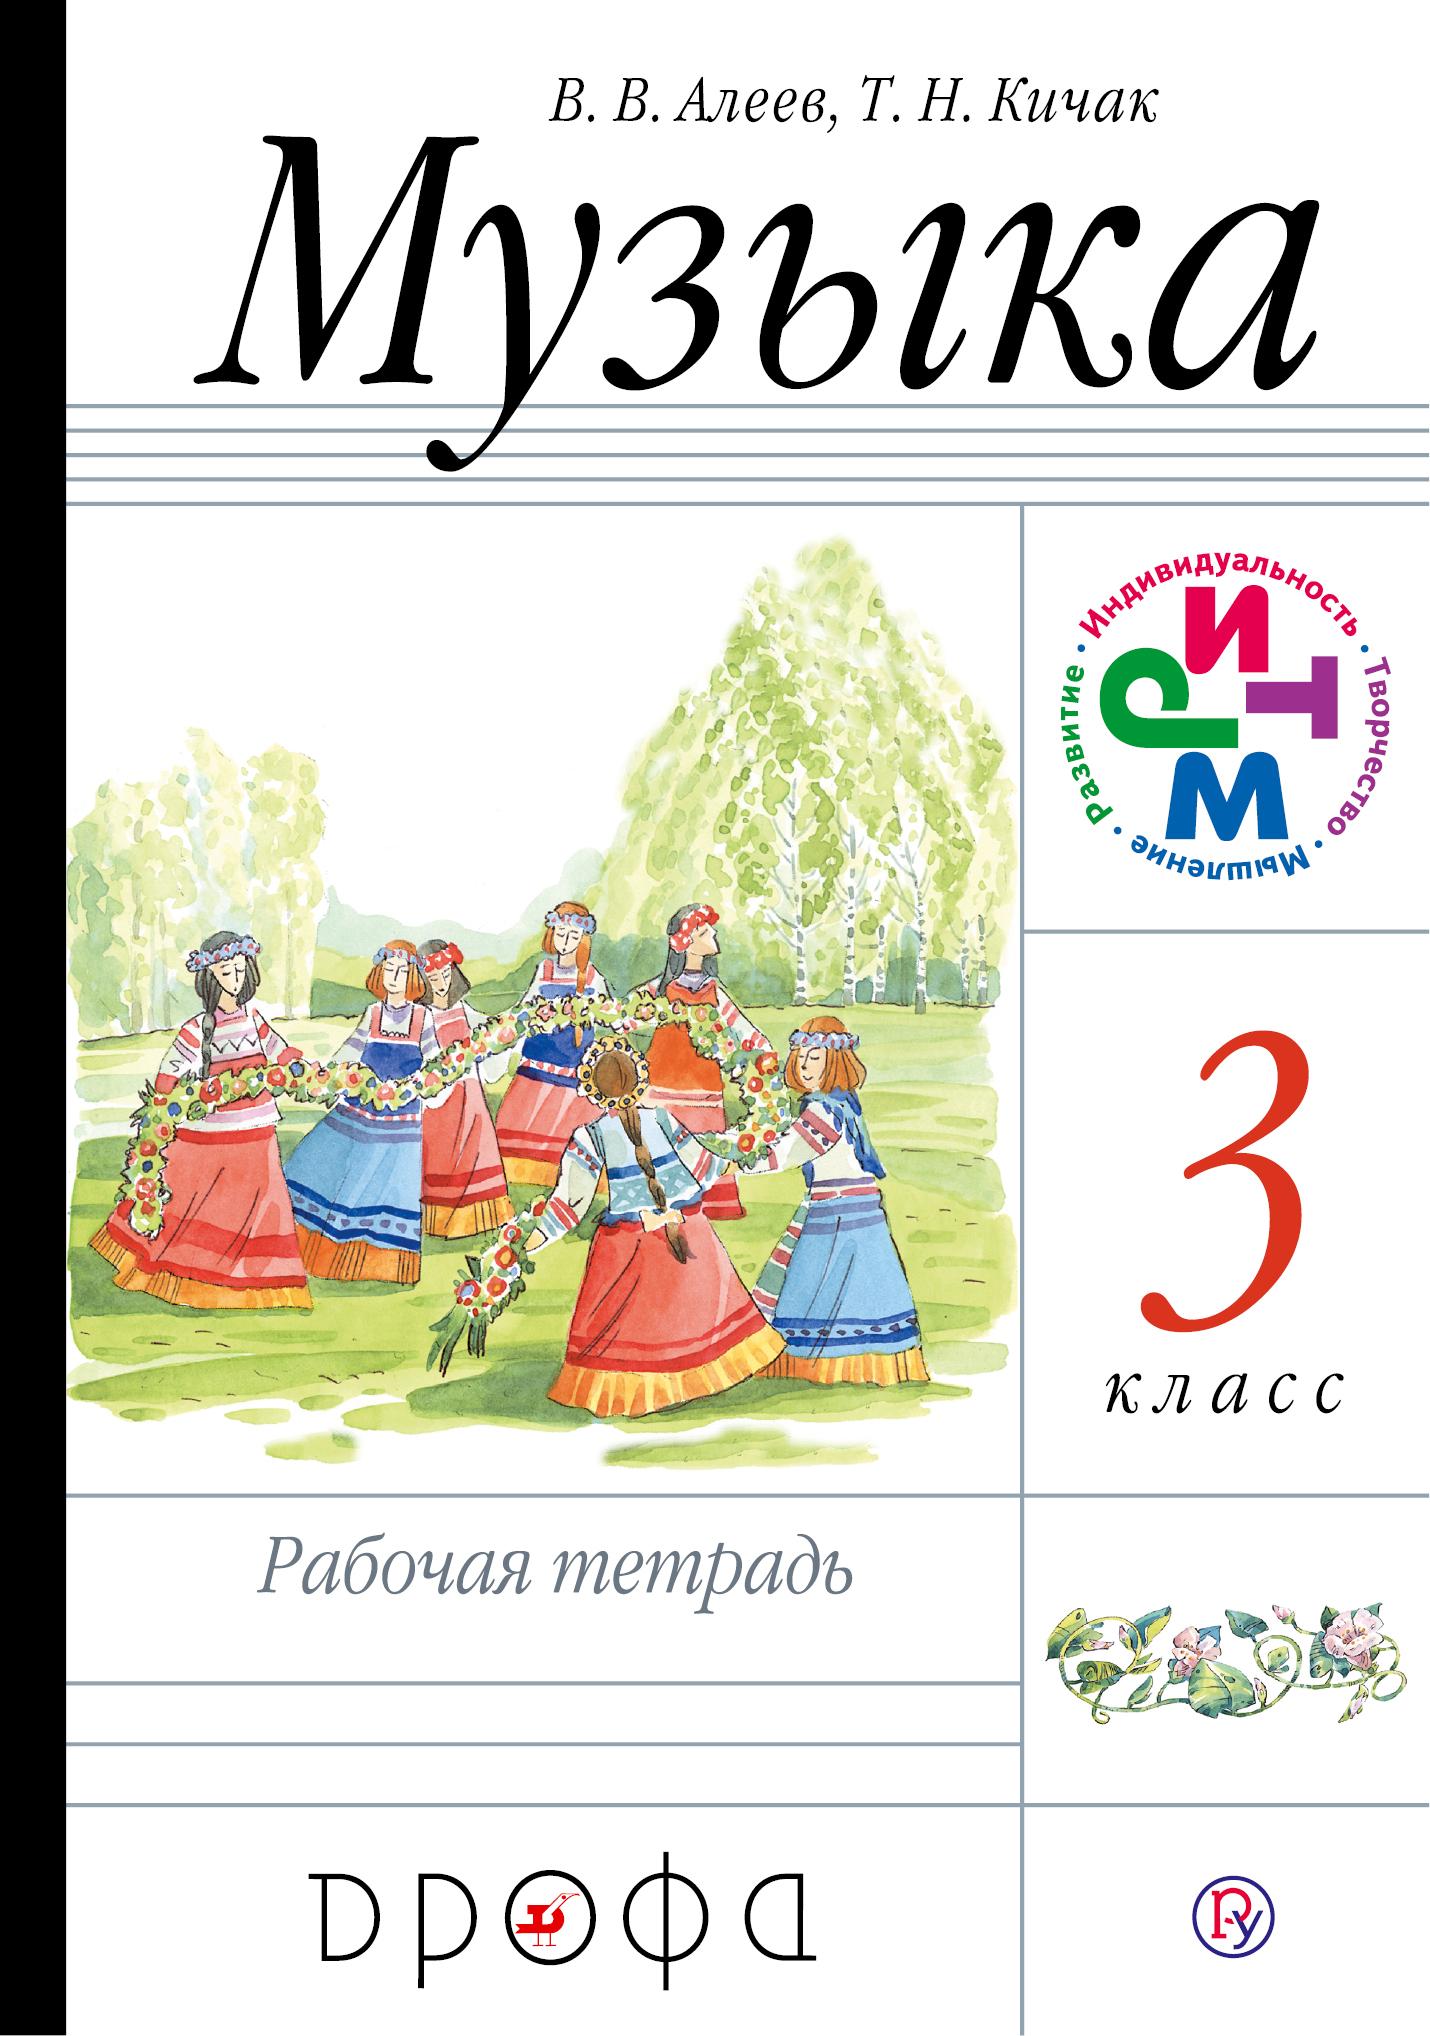 Музыка. 3 класс. Рабочая тетрадь. ( Алеев В. В., Кичак Т. Н.  )